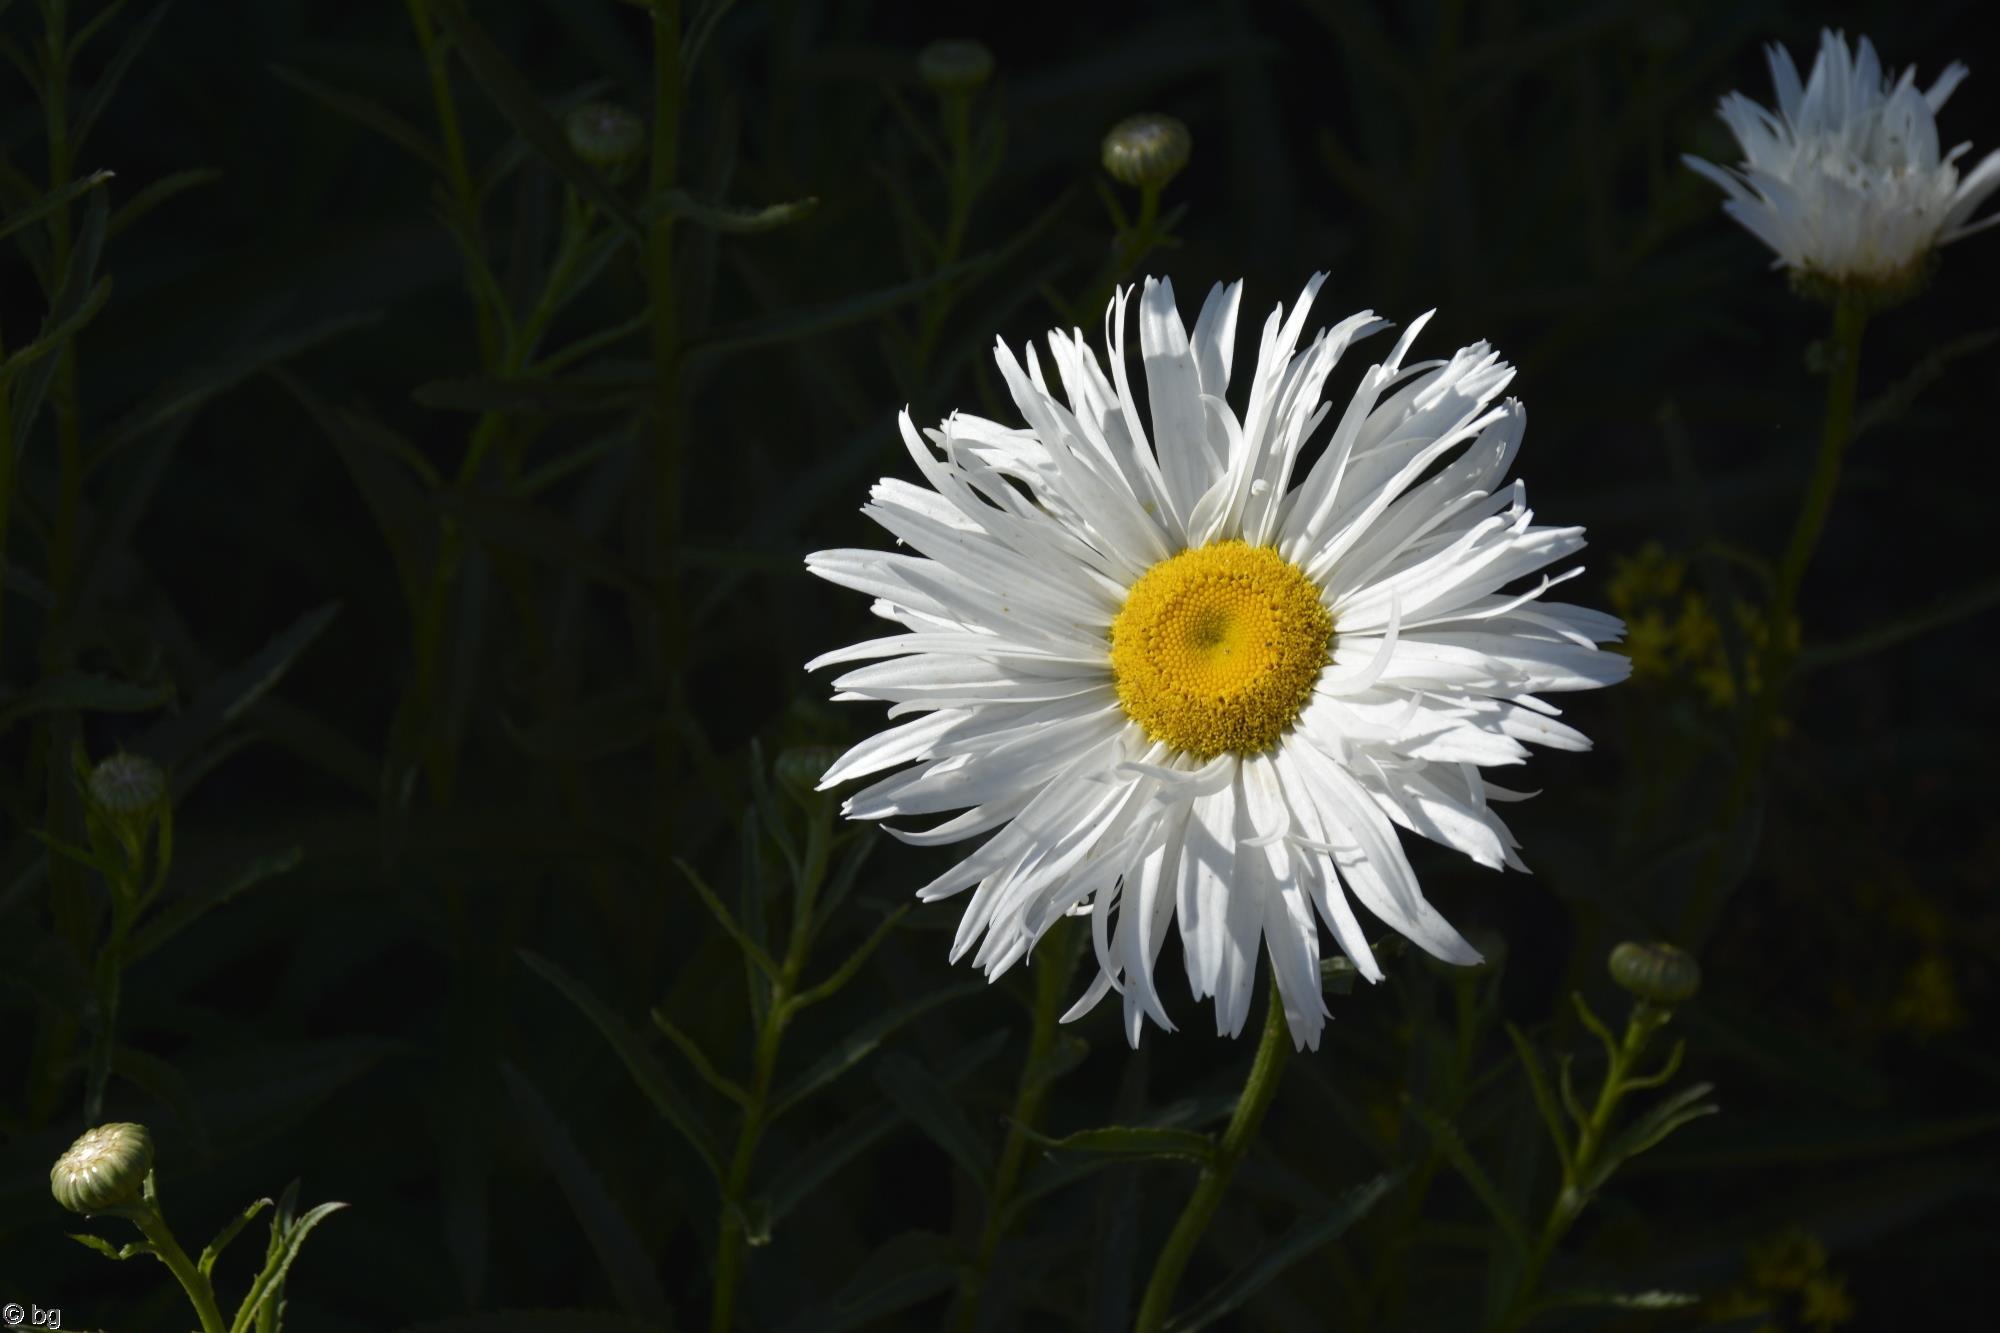 marguerite-fleurs-exotiques-fonds-ecran-hd_17